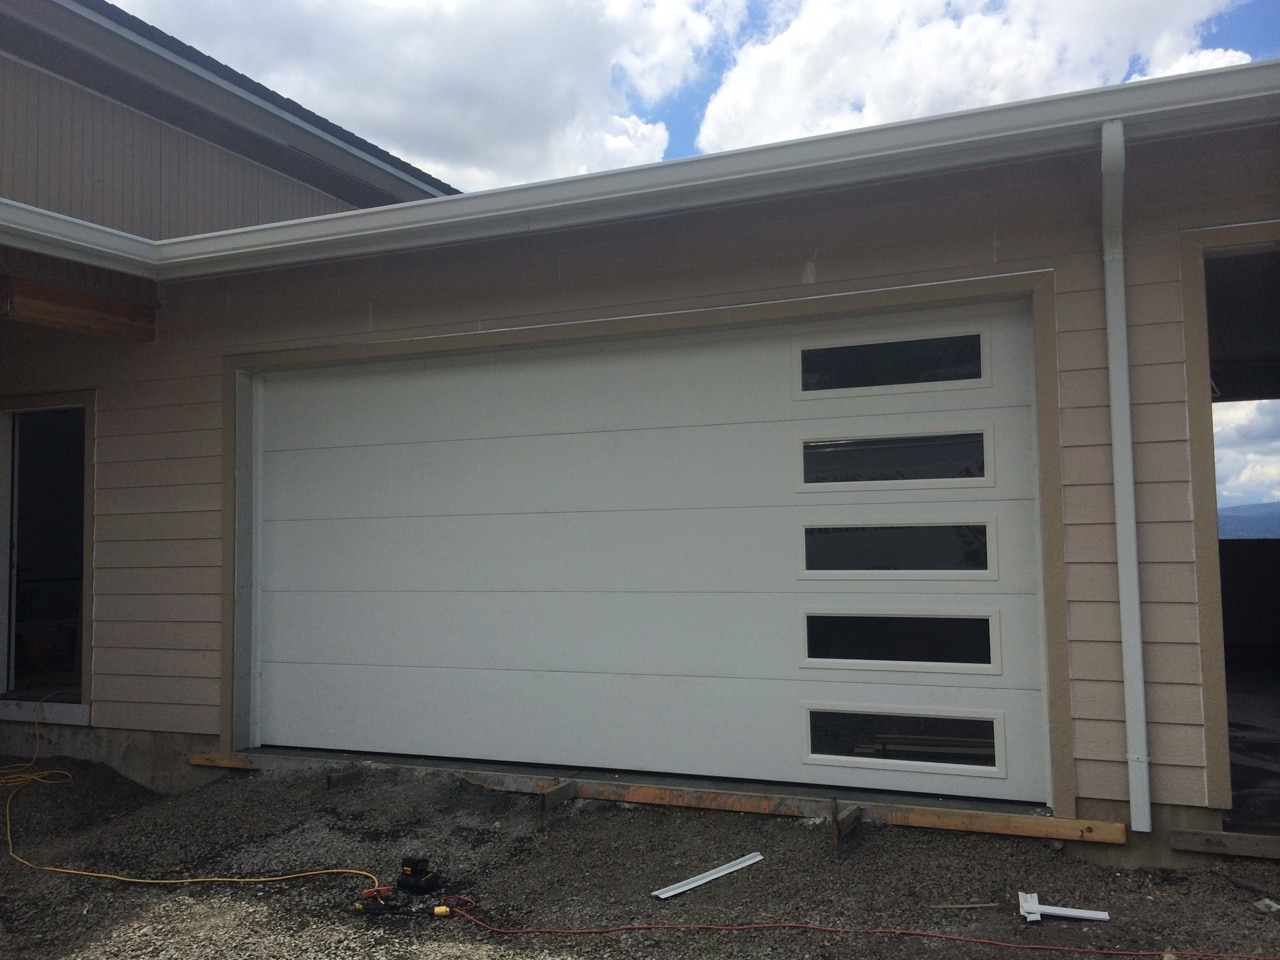 960 #315D9A  Doors Commercial Doors Garage Door Repair Security Shutters Suppliers image Garage Doors Manufacturers Usa 37631280